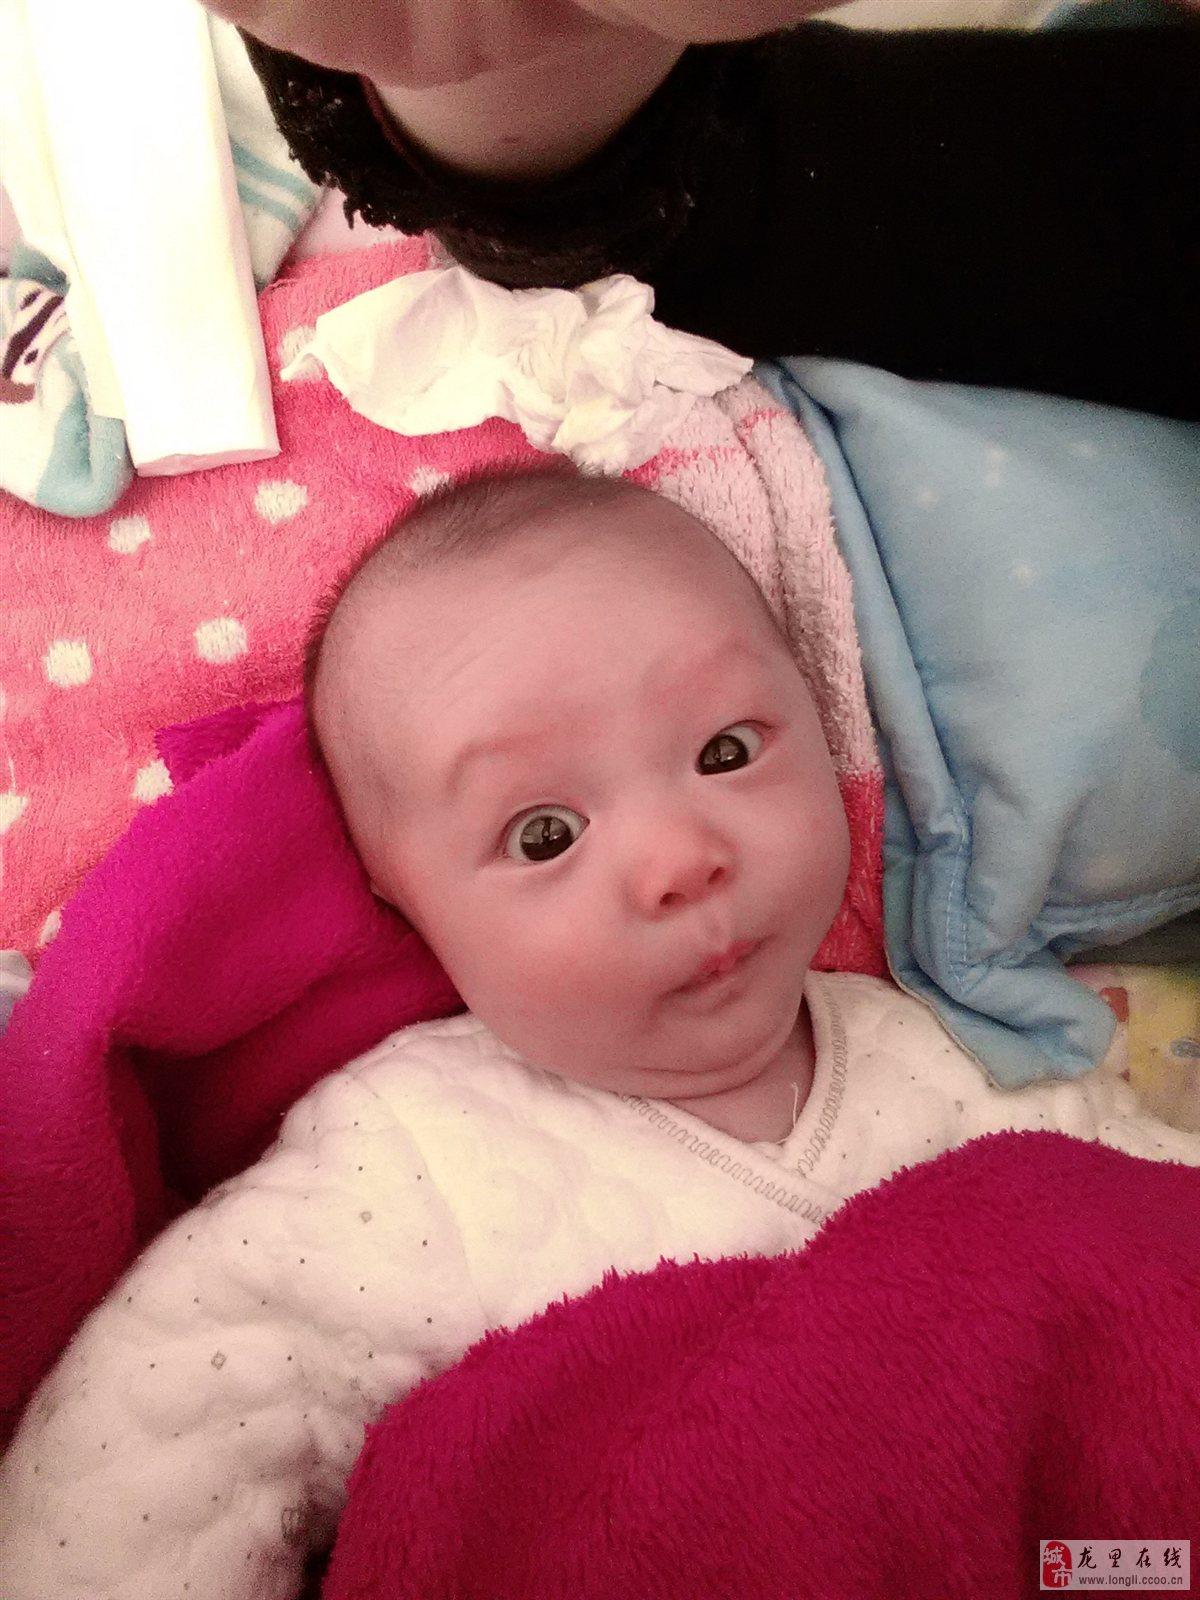 宝宝 壁纸 儿童 孩子 小孩 婴儿 1200_1600 竖版 竖屏 手机